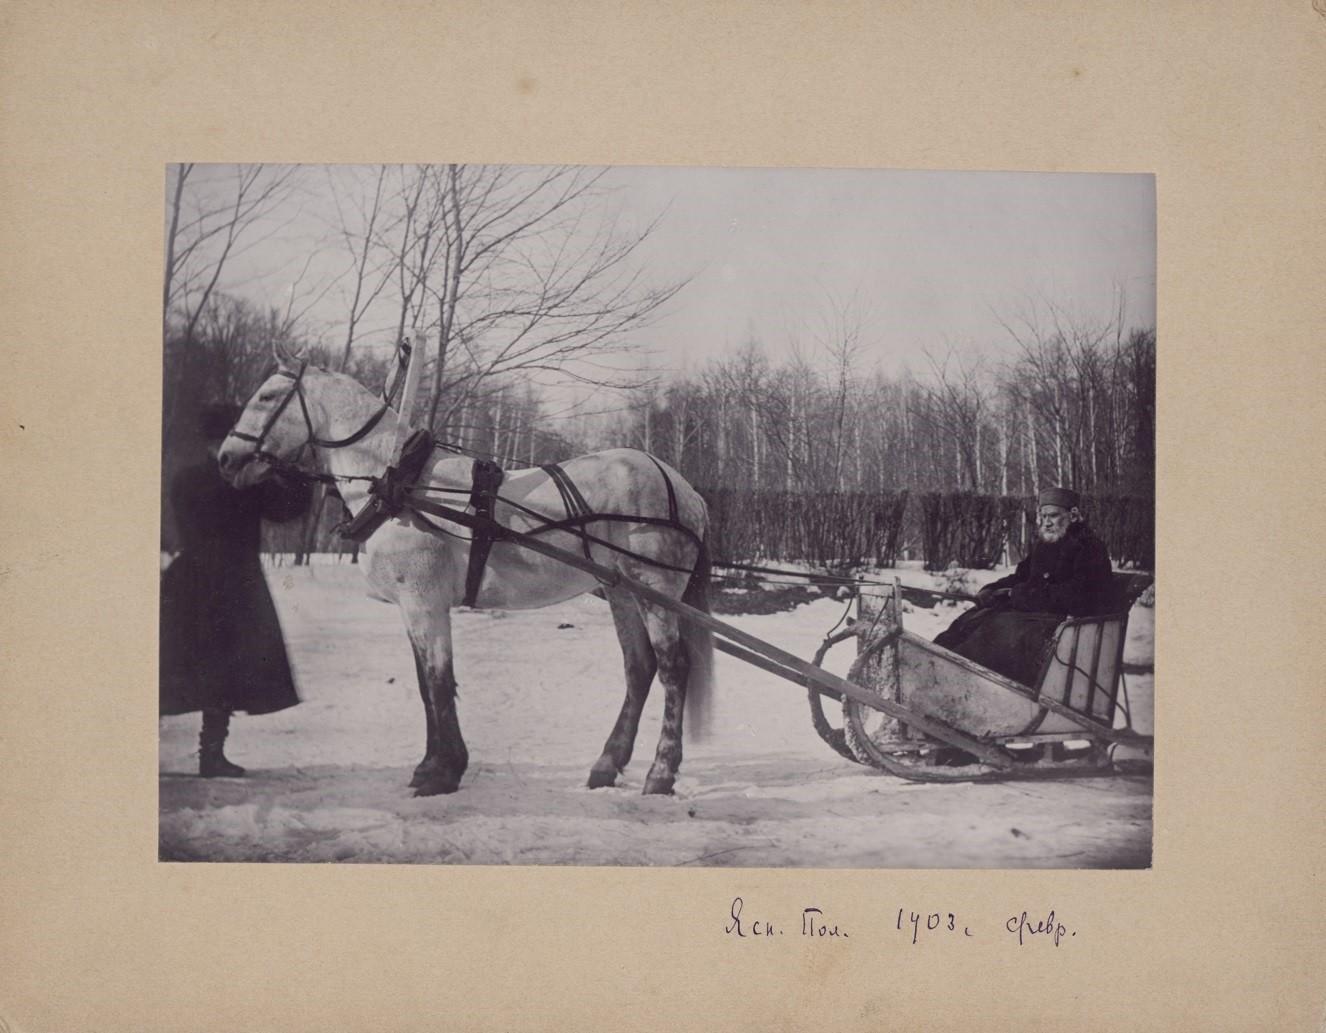 Tolstói en un trineo, 1903. Fotografía de Sofía Tolstaia.